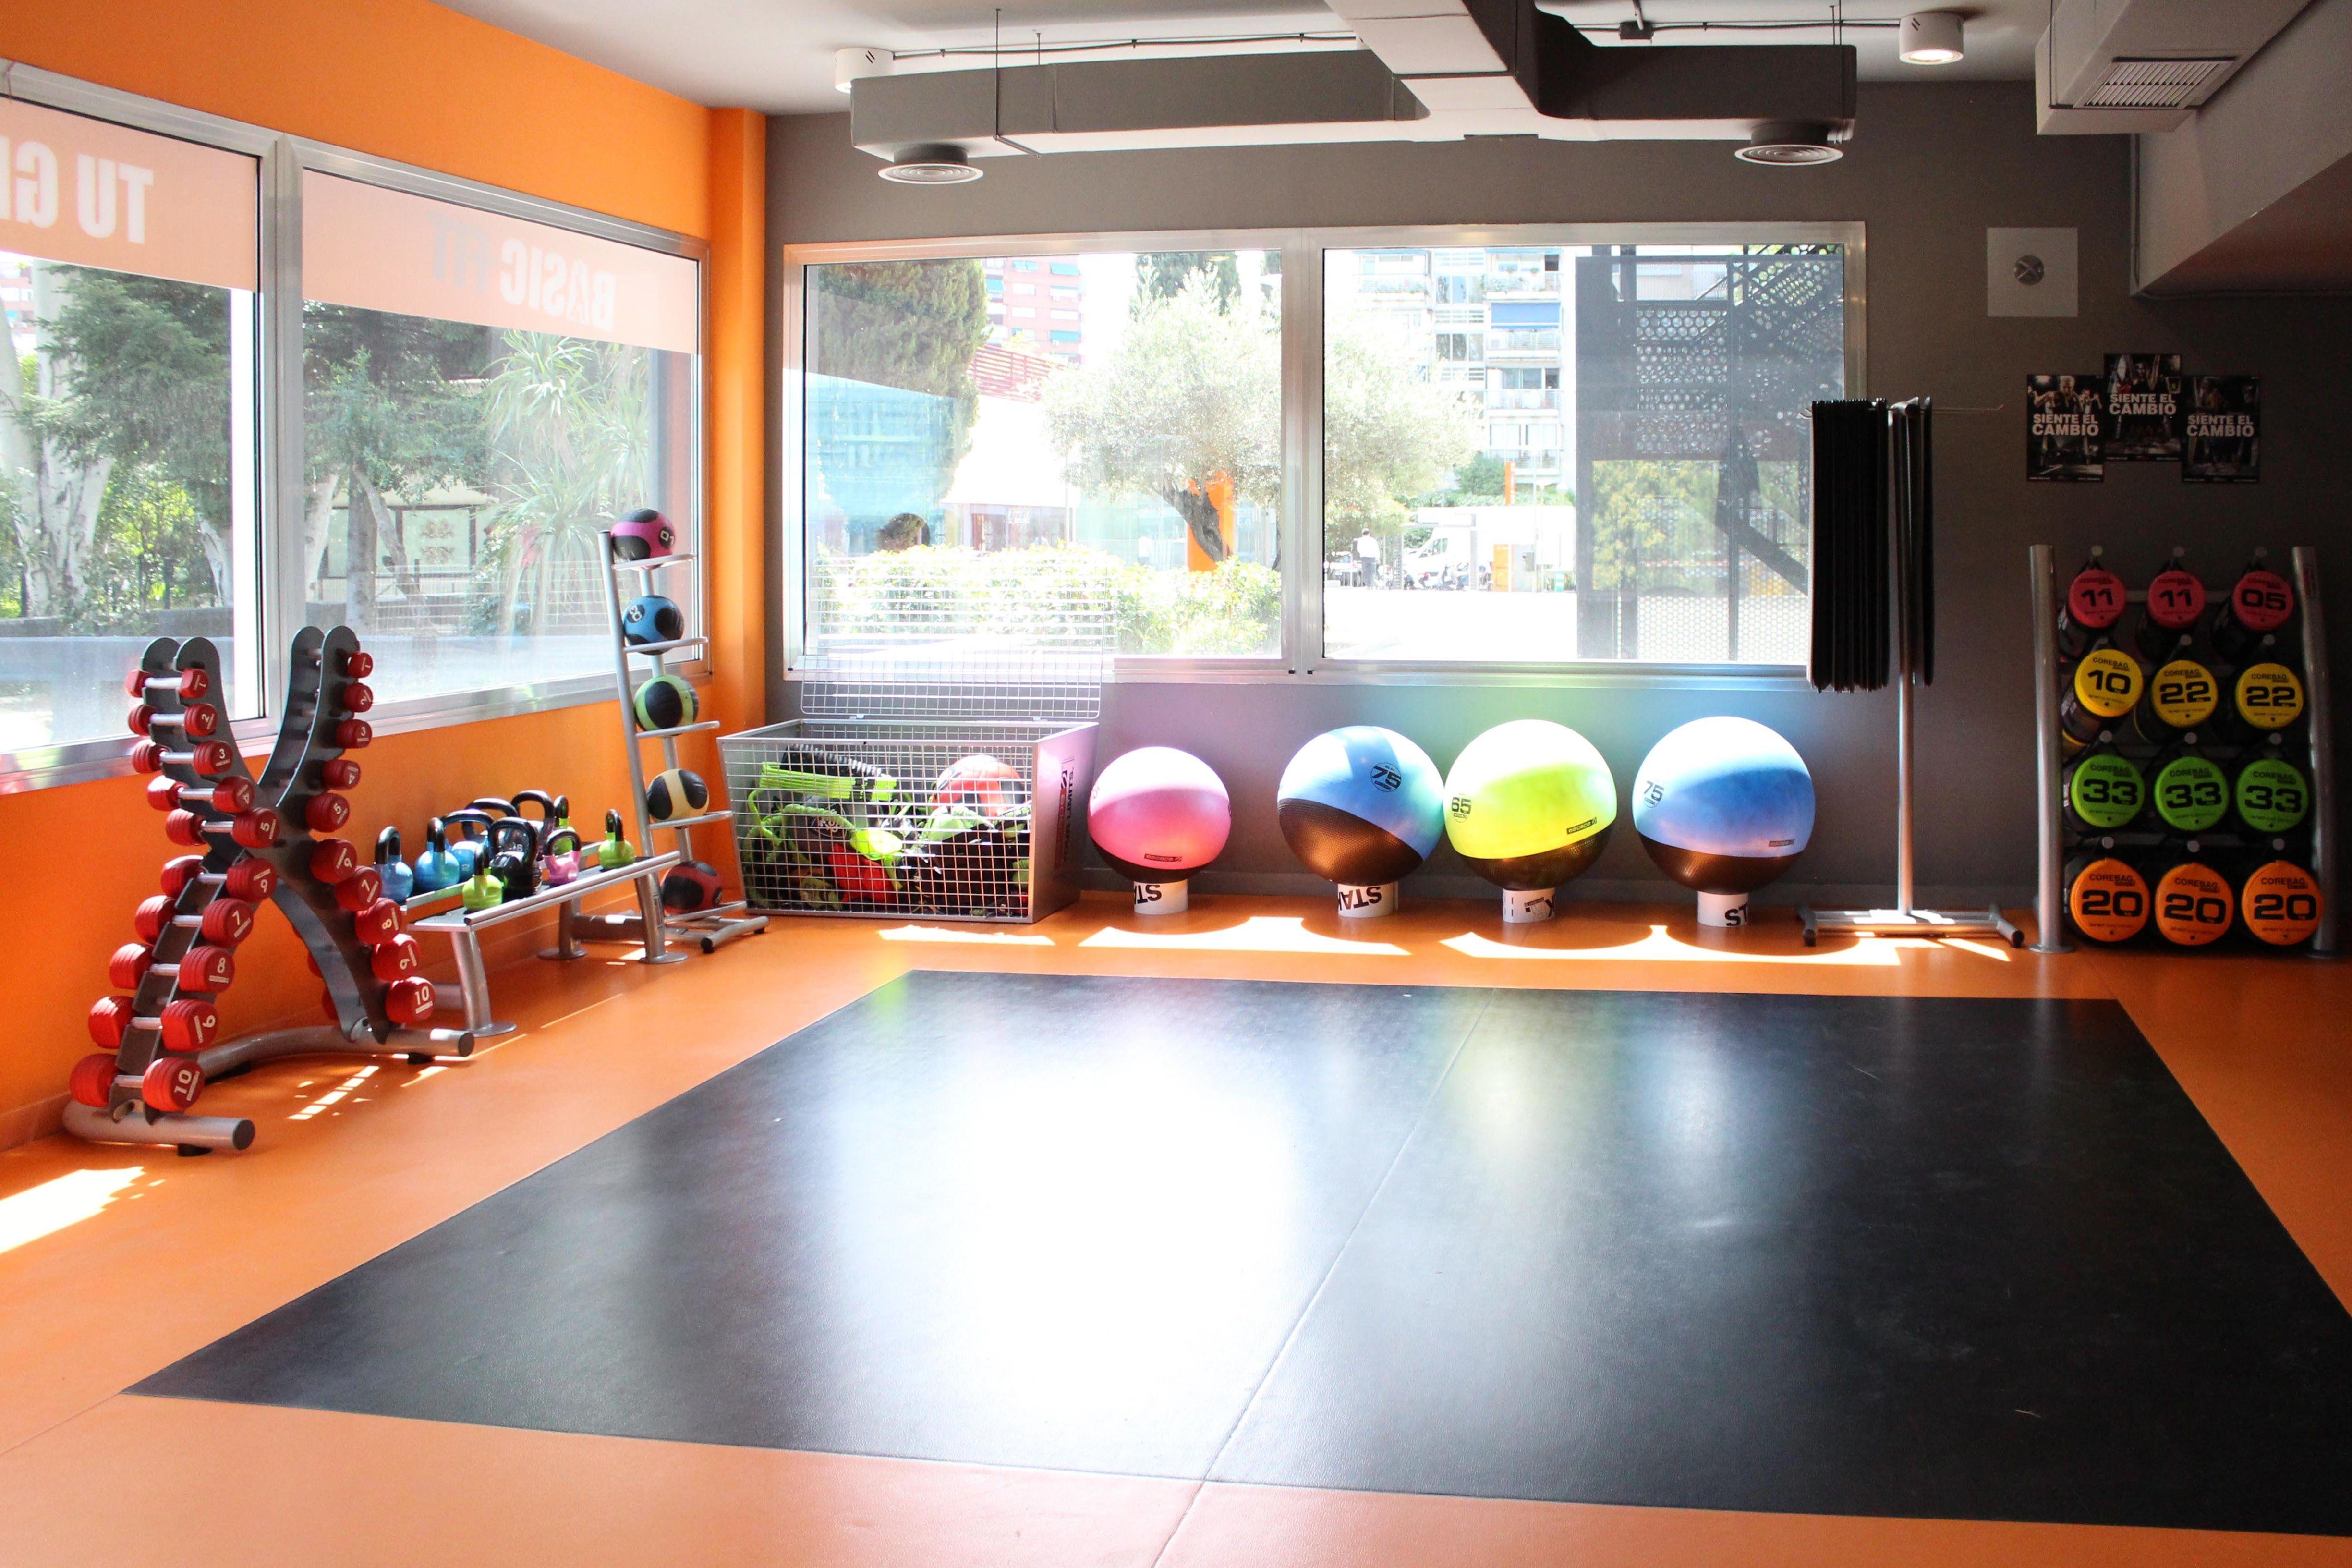 Foto 1 de Centro especializado en entrenamientos deportivos en Madrid | Isfit24